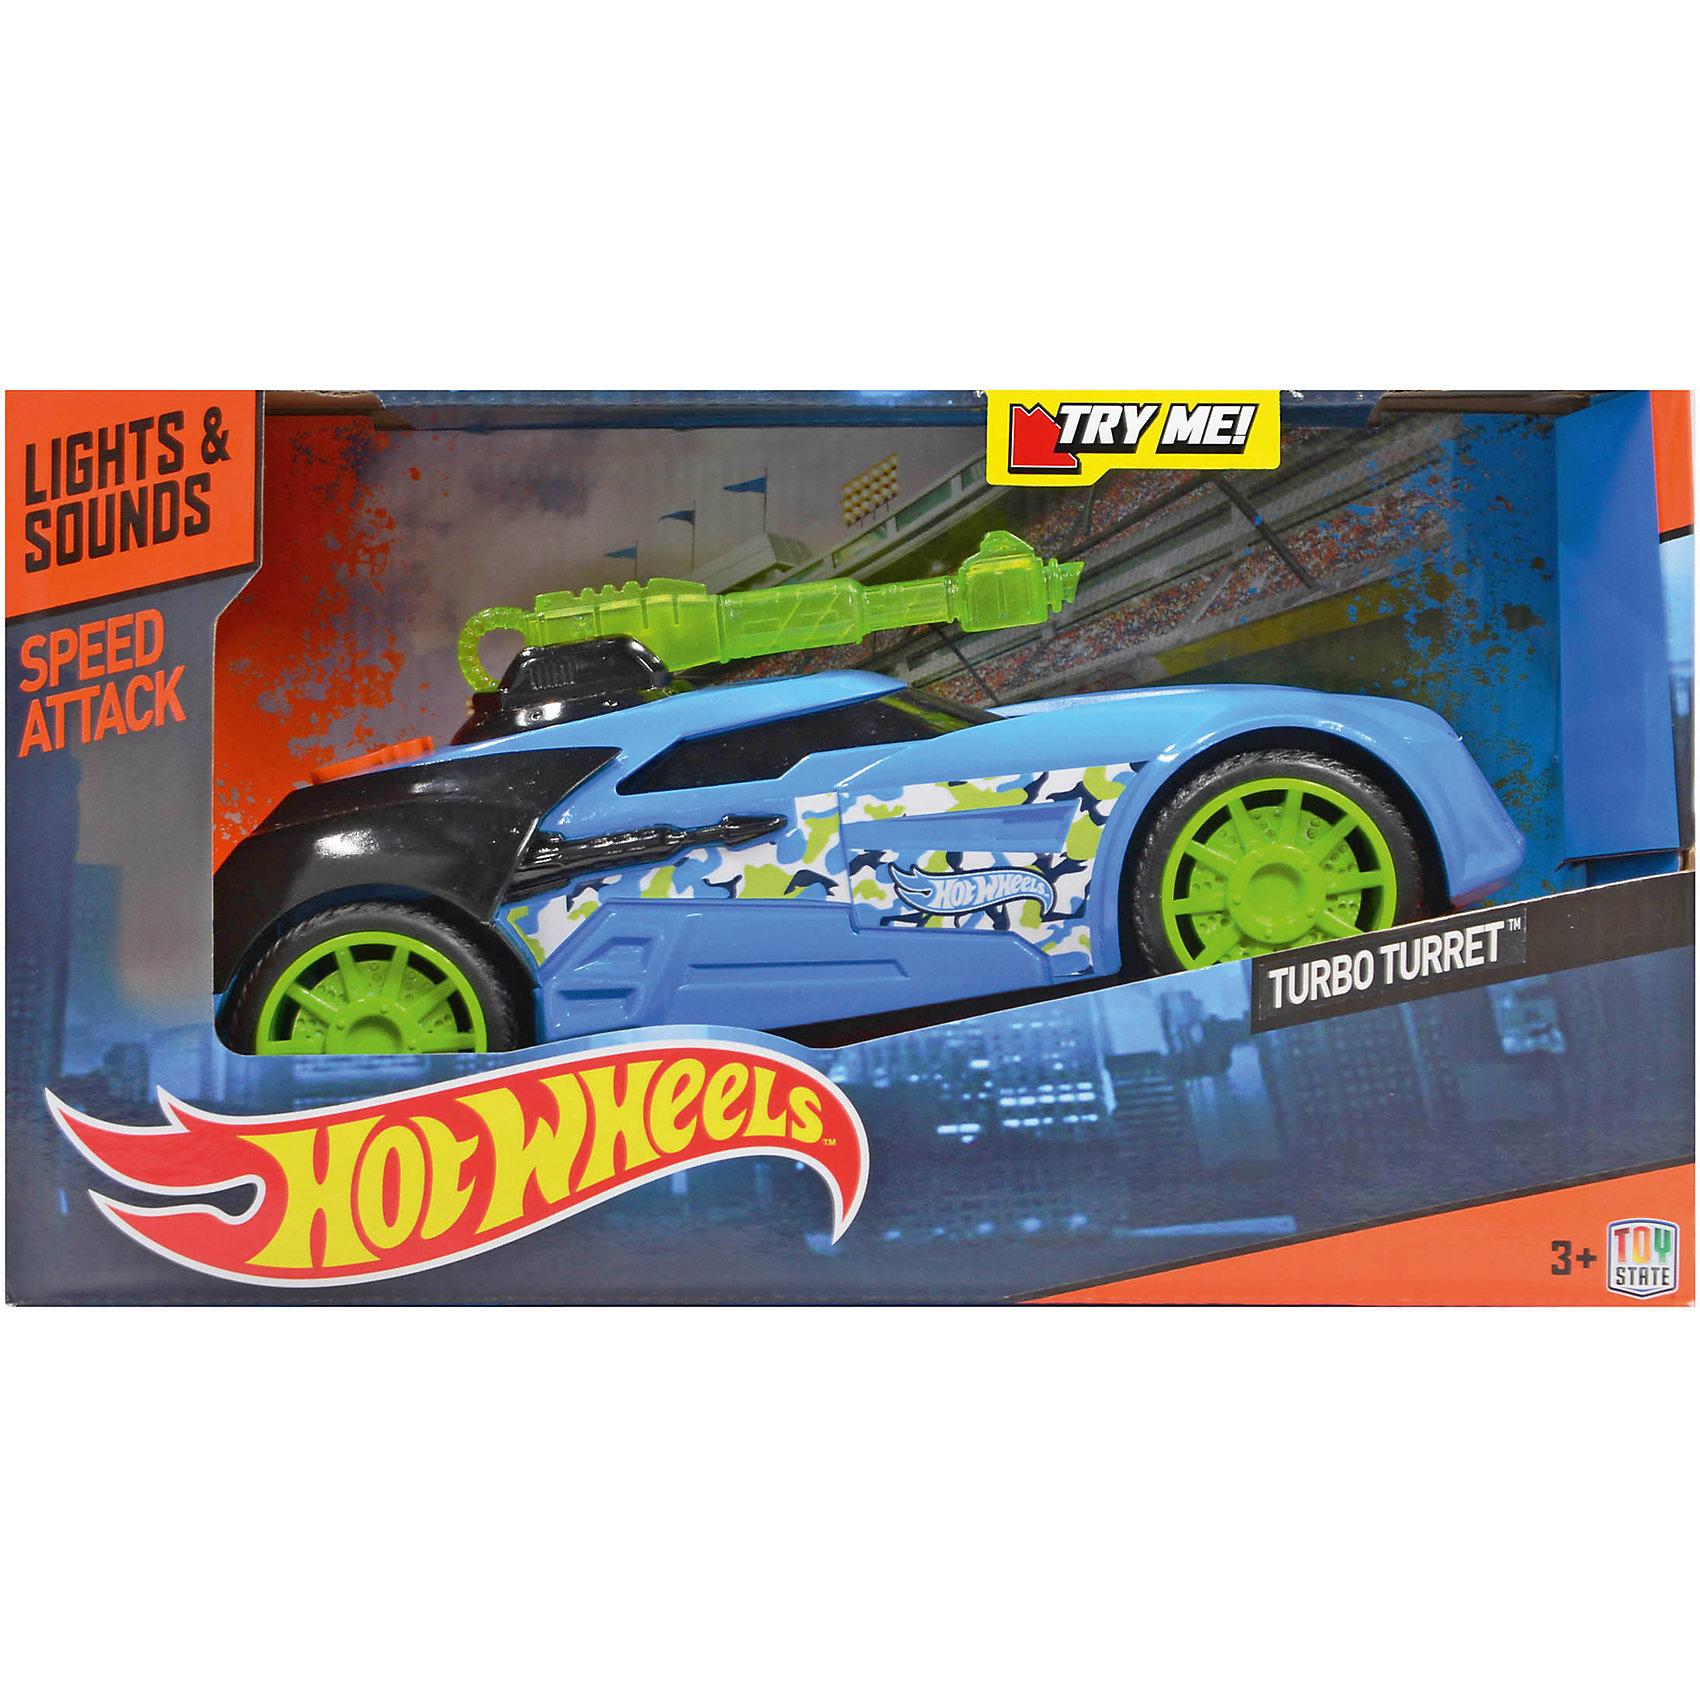 Машинка Turbo Turret - Speed Attack (свет, звук), голубая, 27 см, Hot WheelsМашинки<br>Характеристики товара:<br><br>- цвет: голубой;<br>- материал: пластик, металл;<br>- особенности: со световыми и звуковыми эффектами;<br>- вес: б00 г;<br>- на батарейках;<br>- размер упаковки: 30х17х16;<br>- размер машинки: 27 см.<br><br>Какой мальчишка откажется поиграть с коллекционной машинкой Hot Wheels, которая выглядит как настоящая?! Машинка очень эффектно смотрится, она дополнена световыми и звуковыми эффектами, работает на батарейках. Игрушка отлично детализирована, очень качественно выполнена, поэтому она станет отличным подарком ребенку. Продается в красивой упаковке.<br>Изделия произведены из высококачественного материала, безопасного для детей.<br><br>Машинку на батарейках Hot Wheels можно купить в нашем интернет-магазине.<br><br>Ширина мм: 300<br>Глубина мм: 170<br>Высота мм: 160<br>Вес г: 625<br>Возраст от месяцев: 36<br>Возраст до месяцев: 2147483647<br>Пол: Мужской<br>Возраст: Детский<br>SKU: 5066738